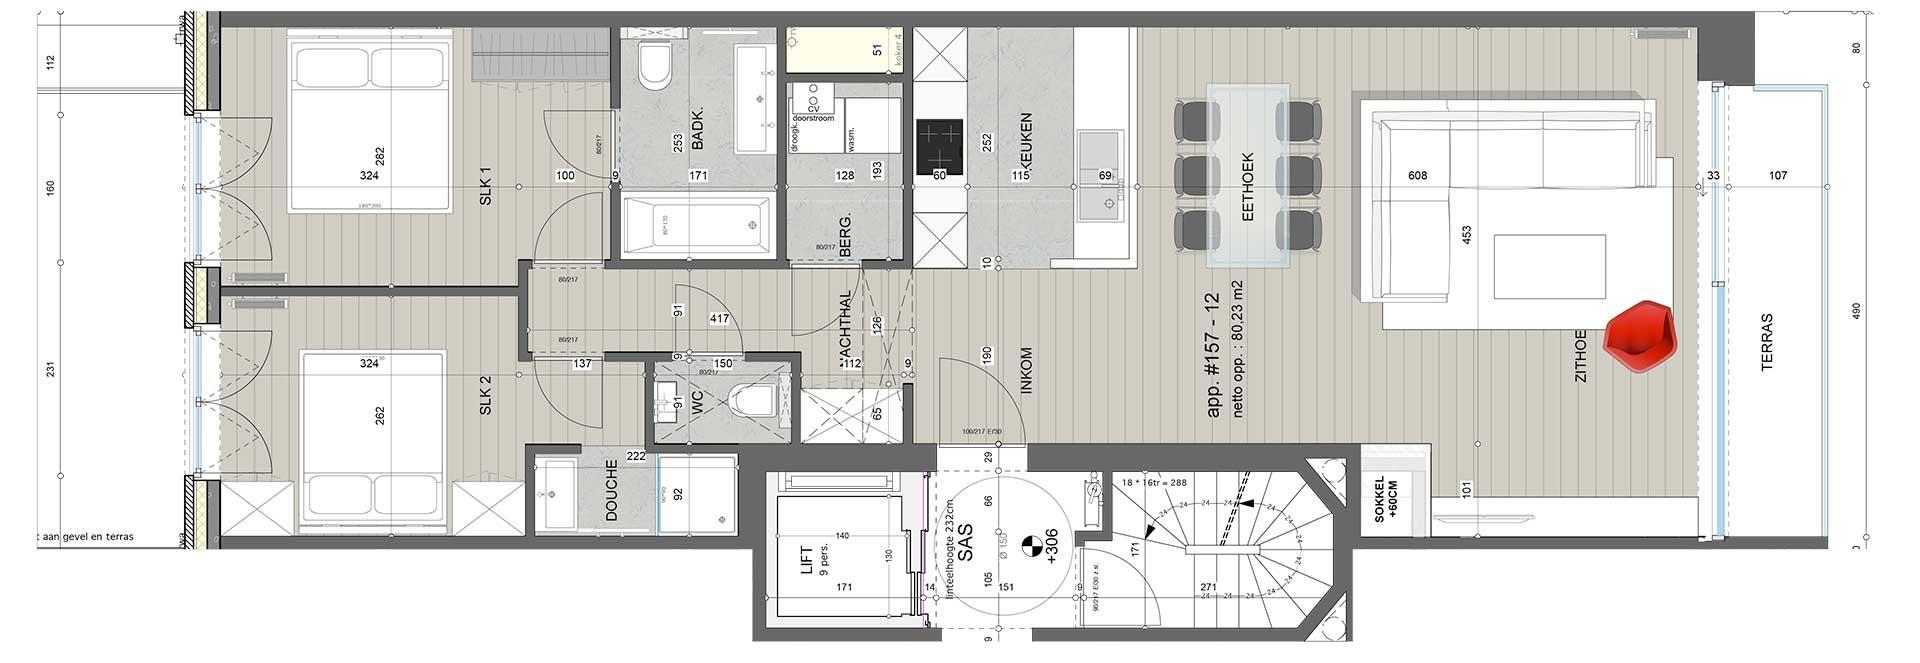 Residentie <br/> Fontana - image residentie-fontana-appartement-te-koop-knokke-plannen-157-12-1 on https://hoprom.be